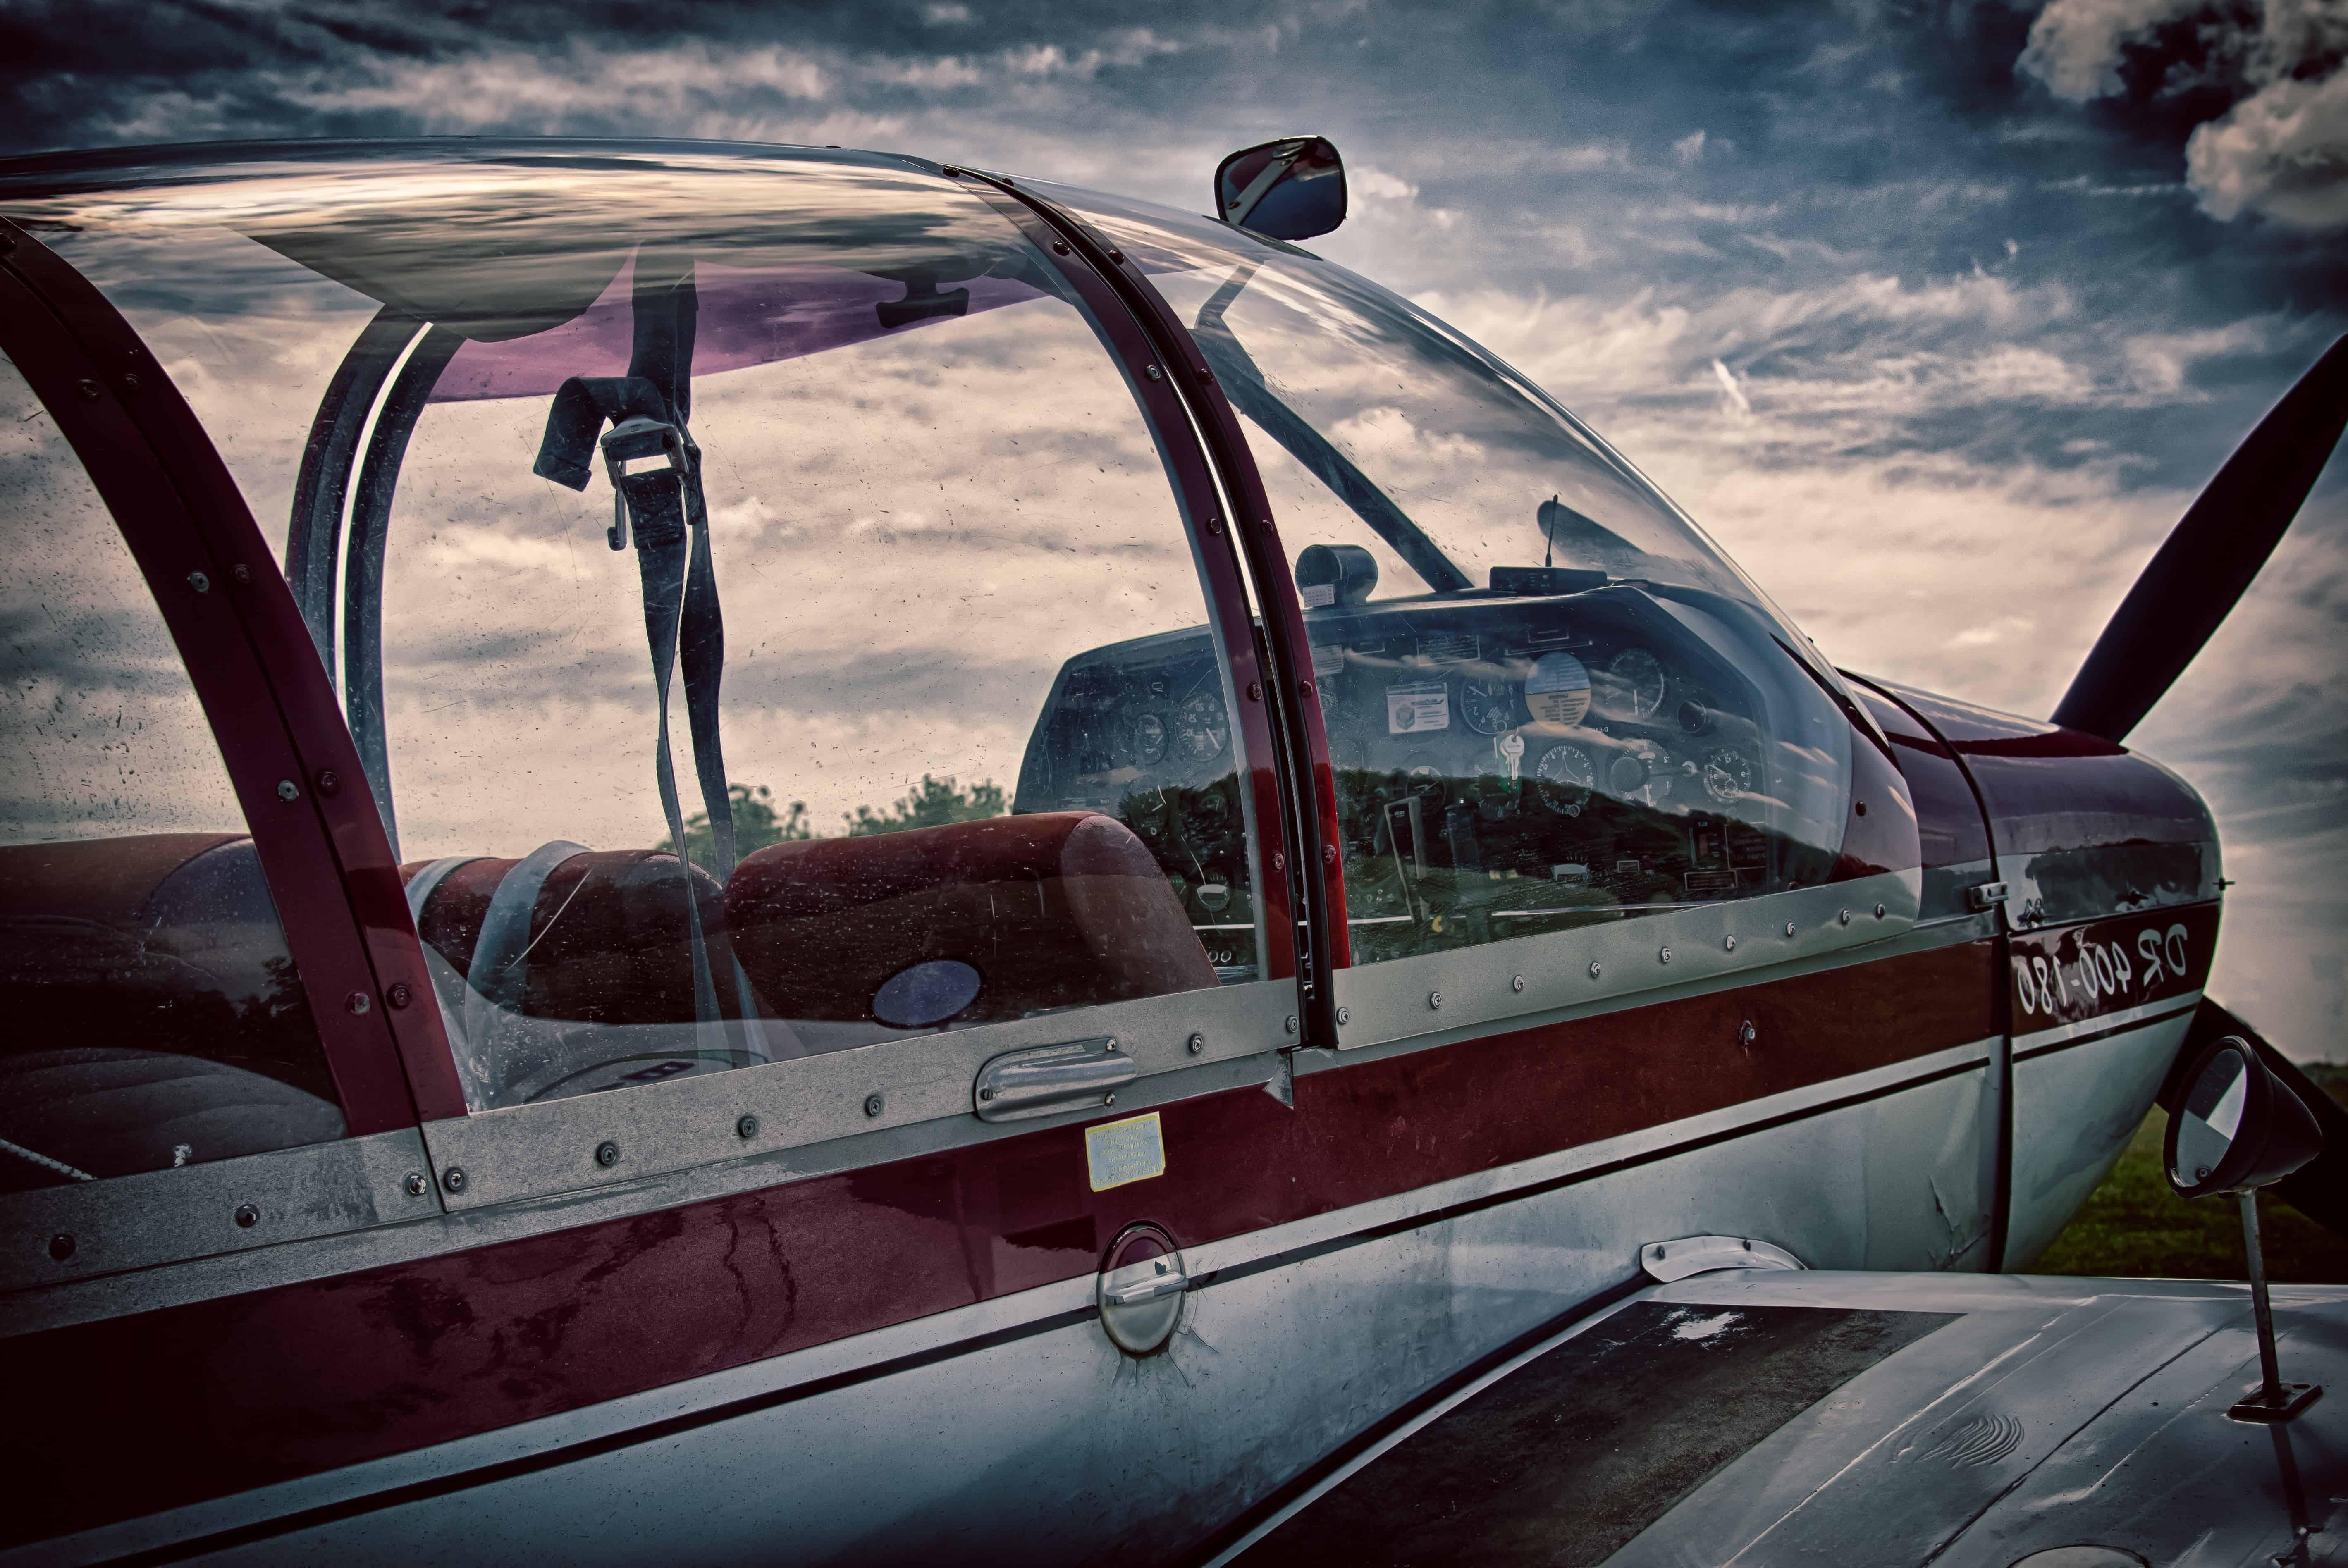 avion, véhicule, aviation, nuage, ciel, coucher de soleil